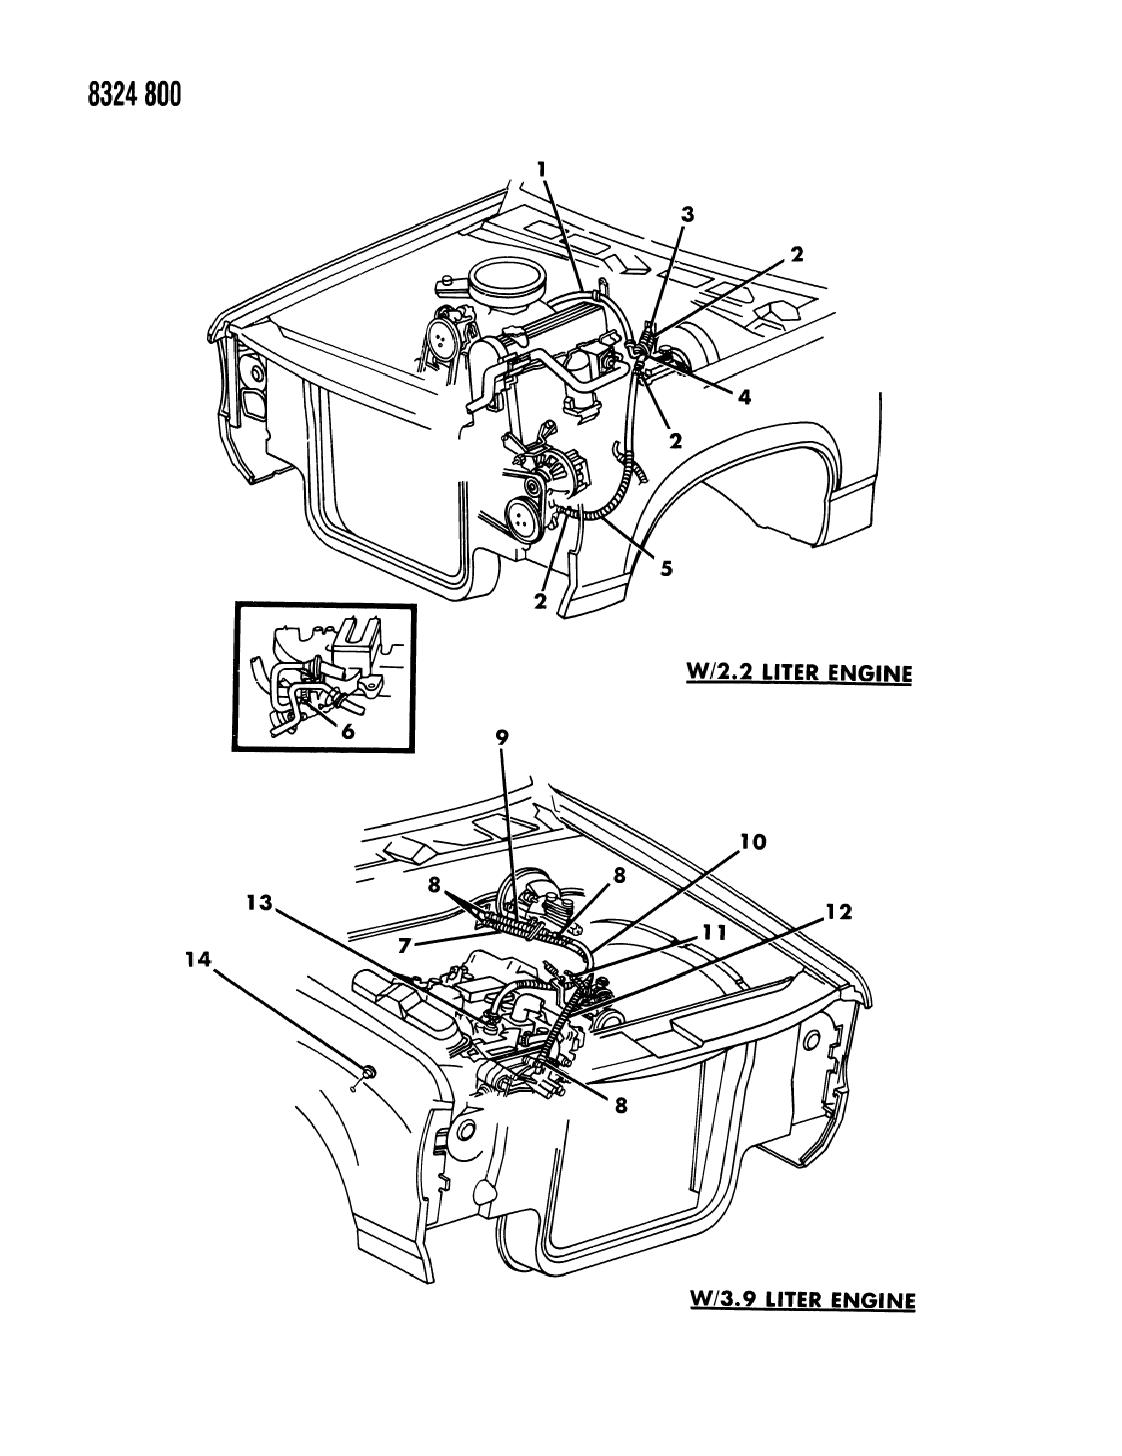 1989 Dodge Dakota Engine Diagram - Wiring Diagram Perform dare-census -  dare-census.bovaribernesiclub.itdare-census.bovaribernesiclub.it